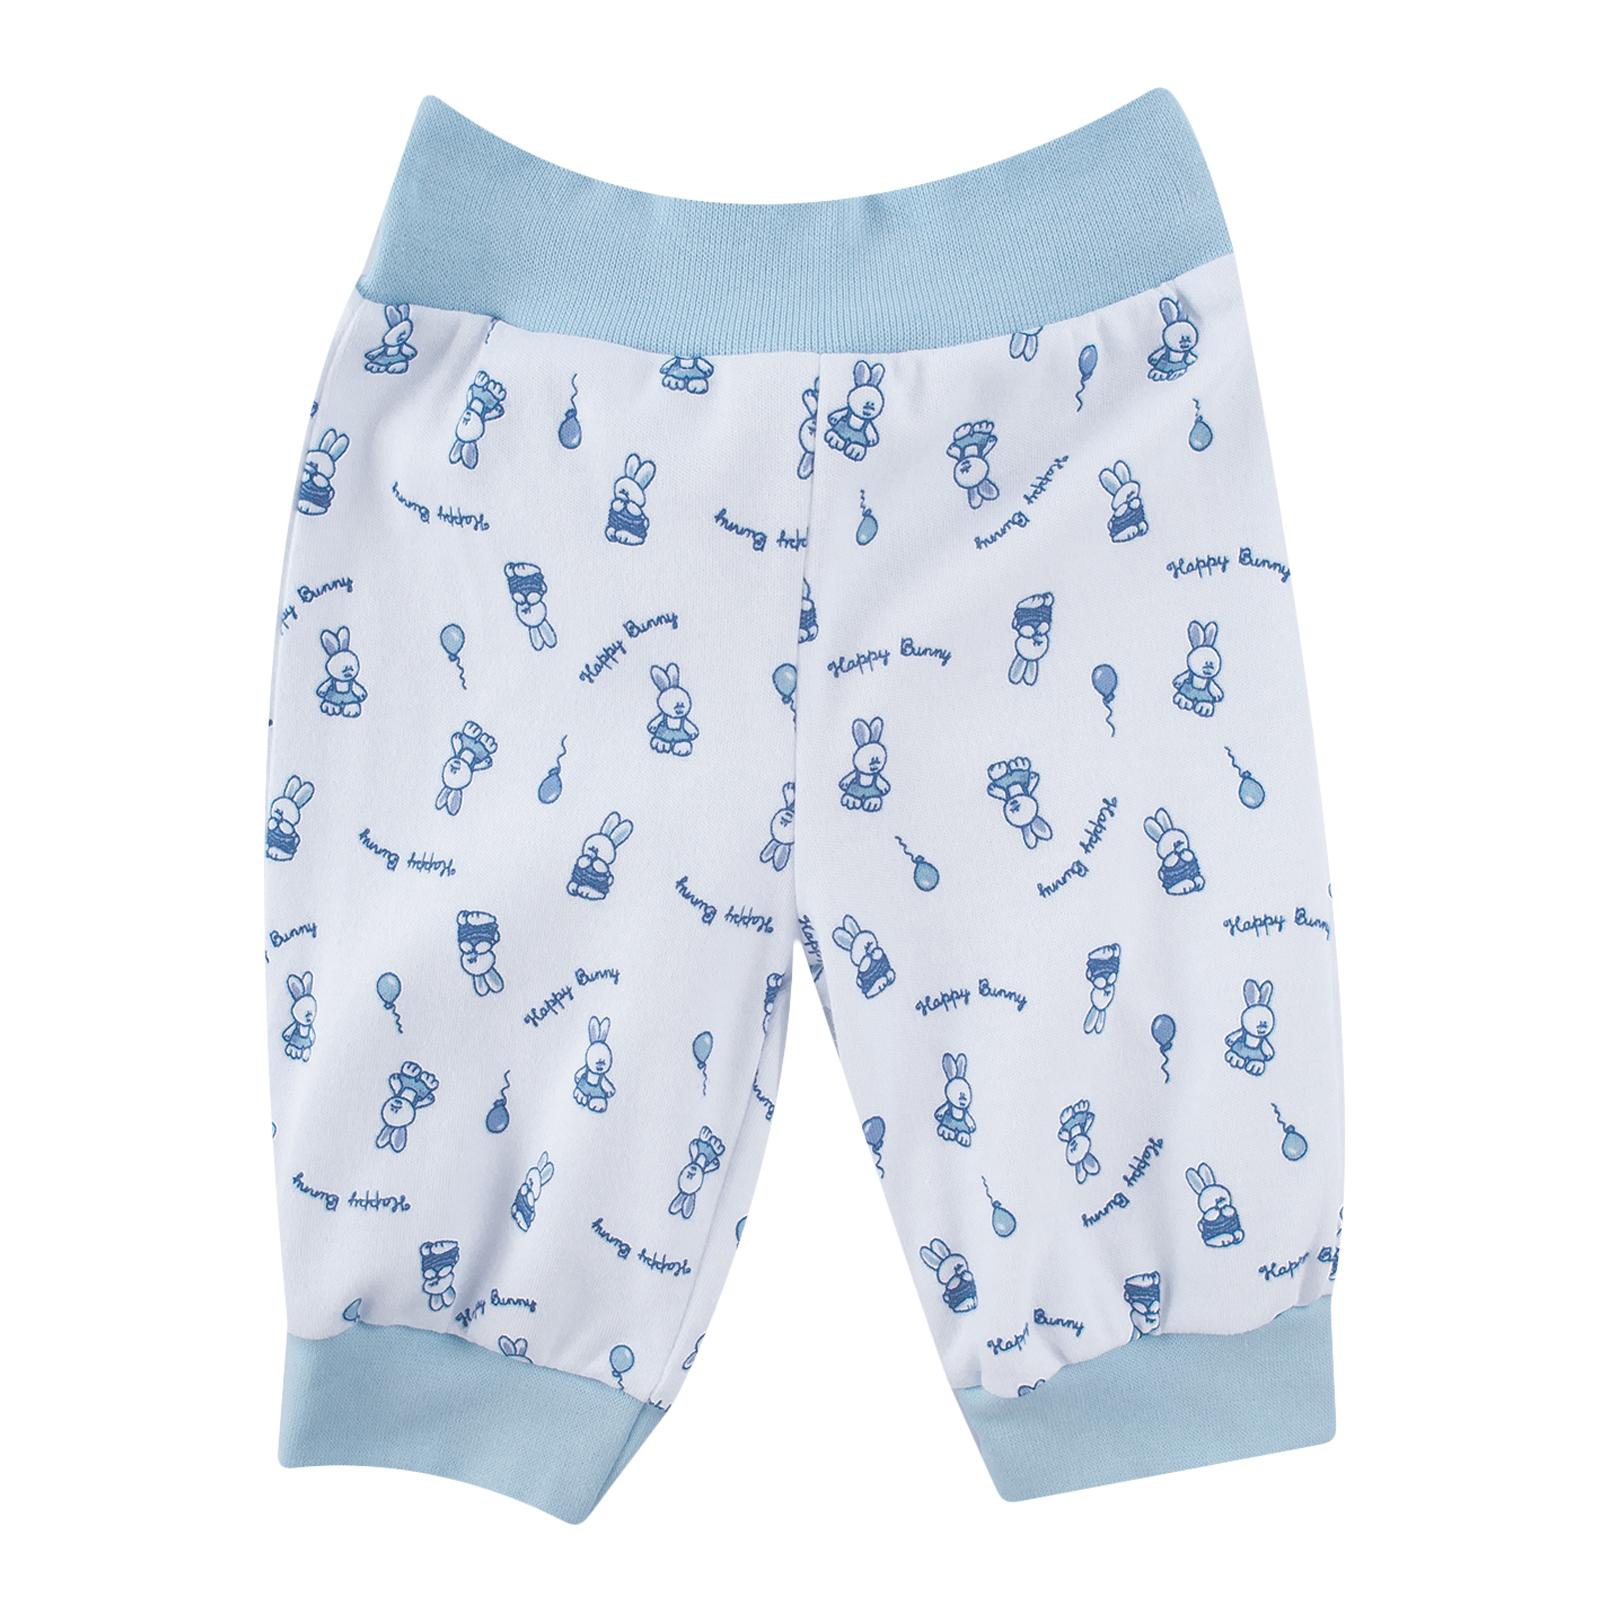 Штанишки КОТМАРКОТ для мальчика, цвет набивка голубой тон 1-3 мес (размер 62)<br>